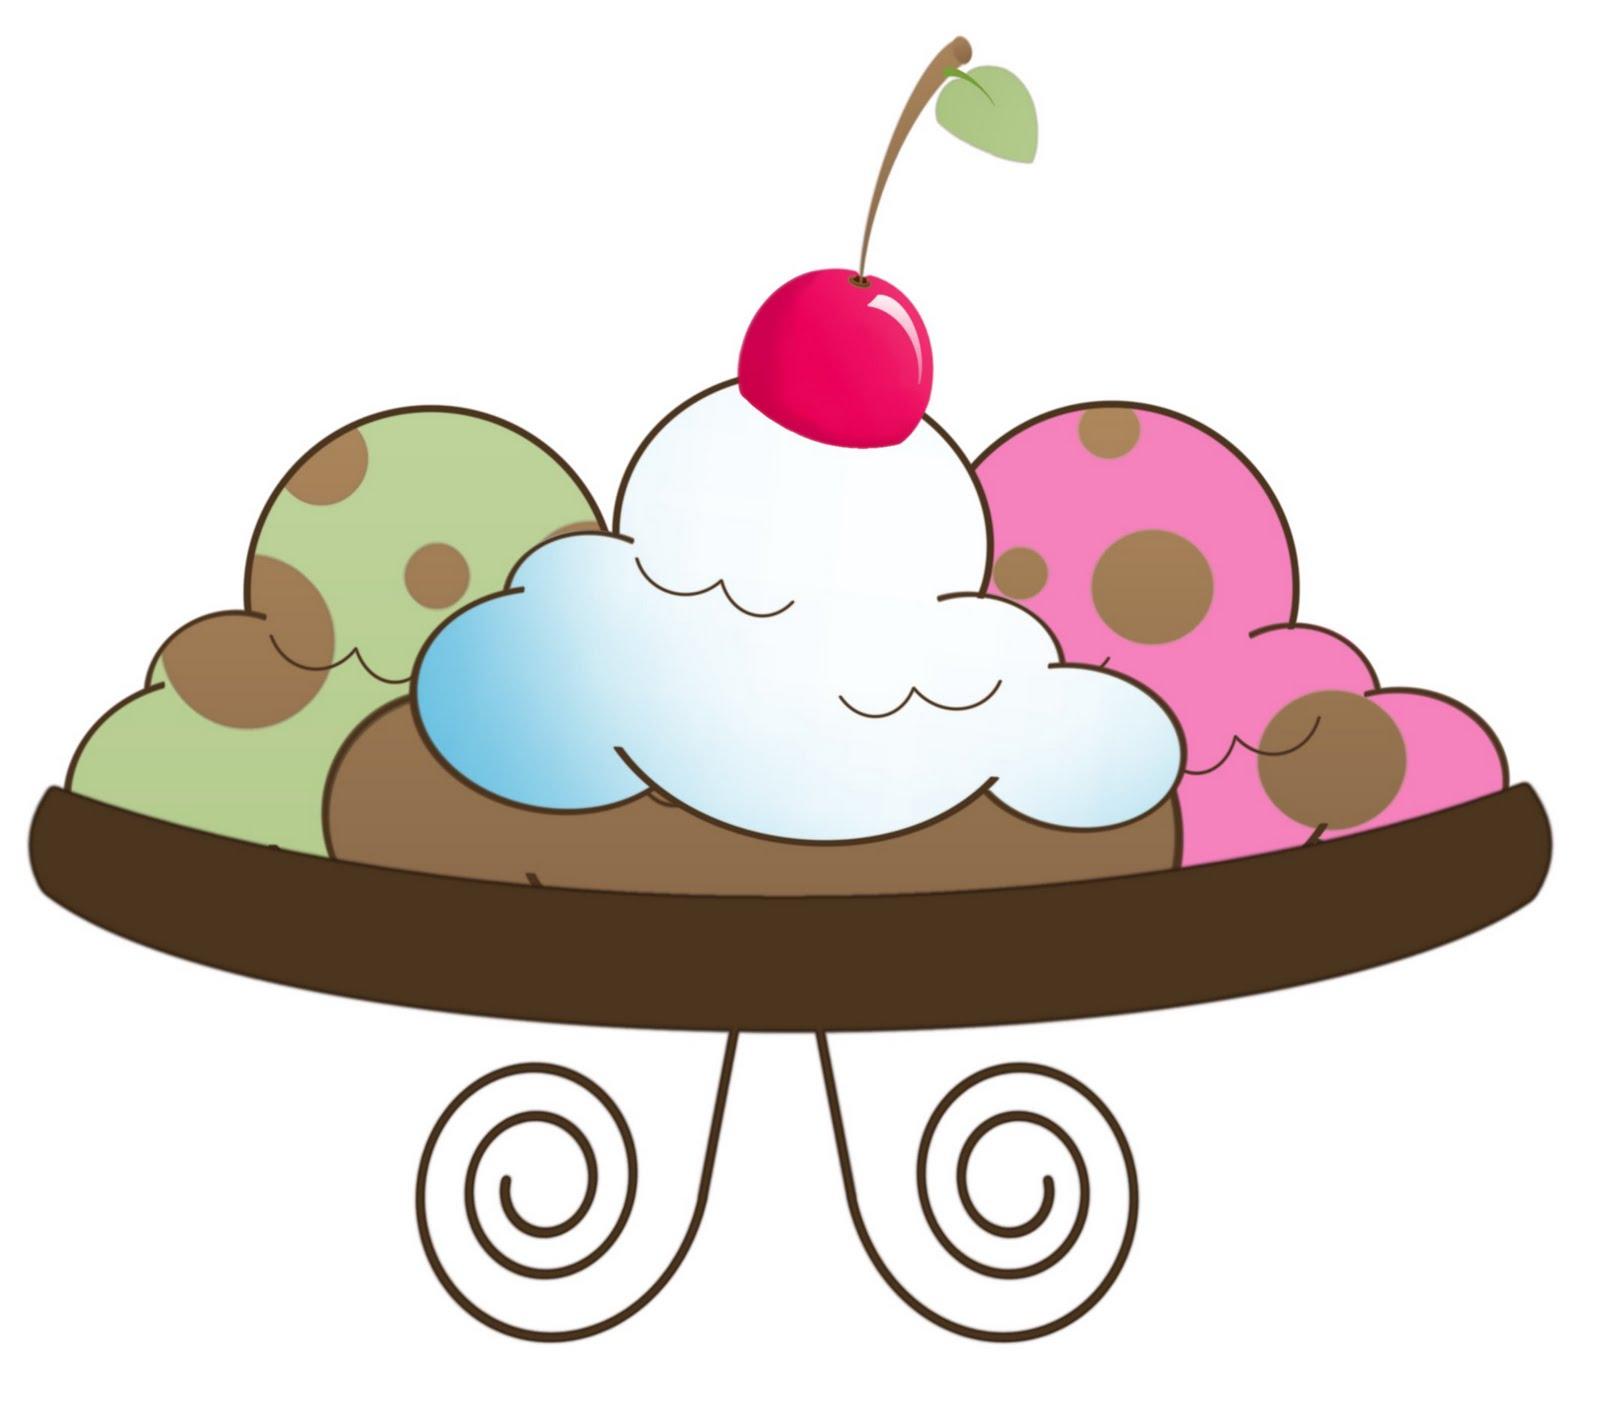 ... Ice cream sundae clipart ...